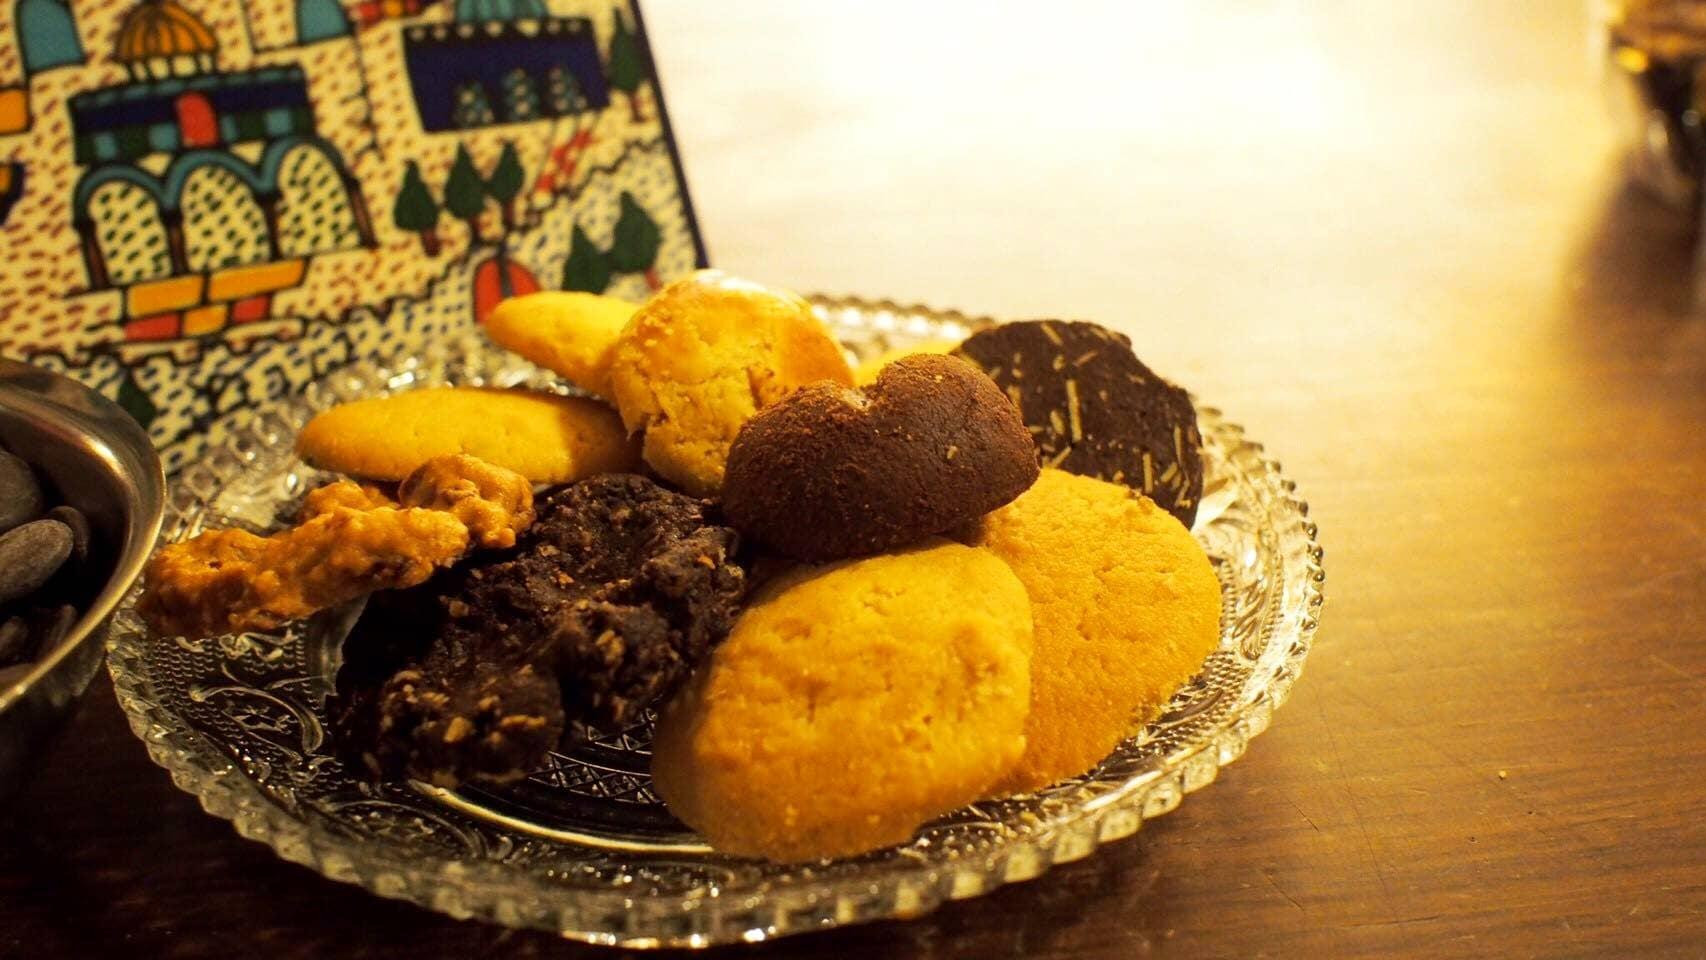 món ngon tại 4 thị trấn nổi tiếng đài loan: bánh ngọt tại izzy cafe